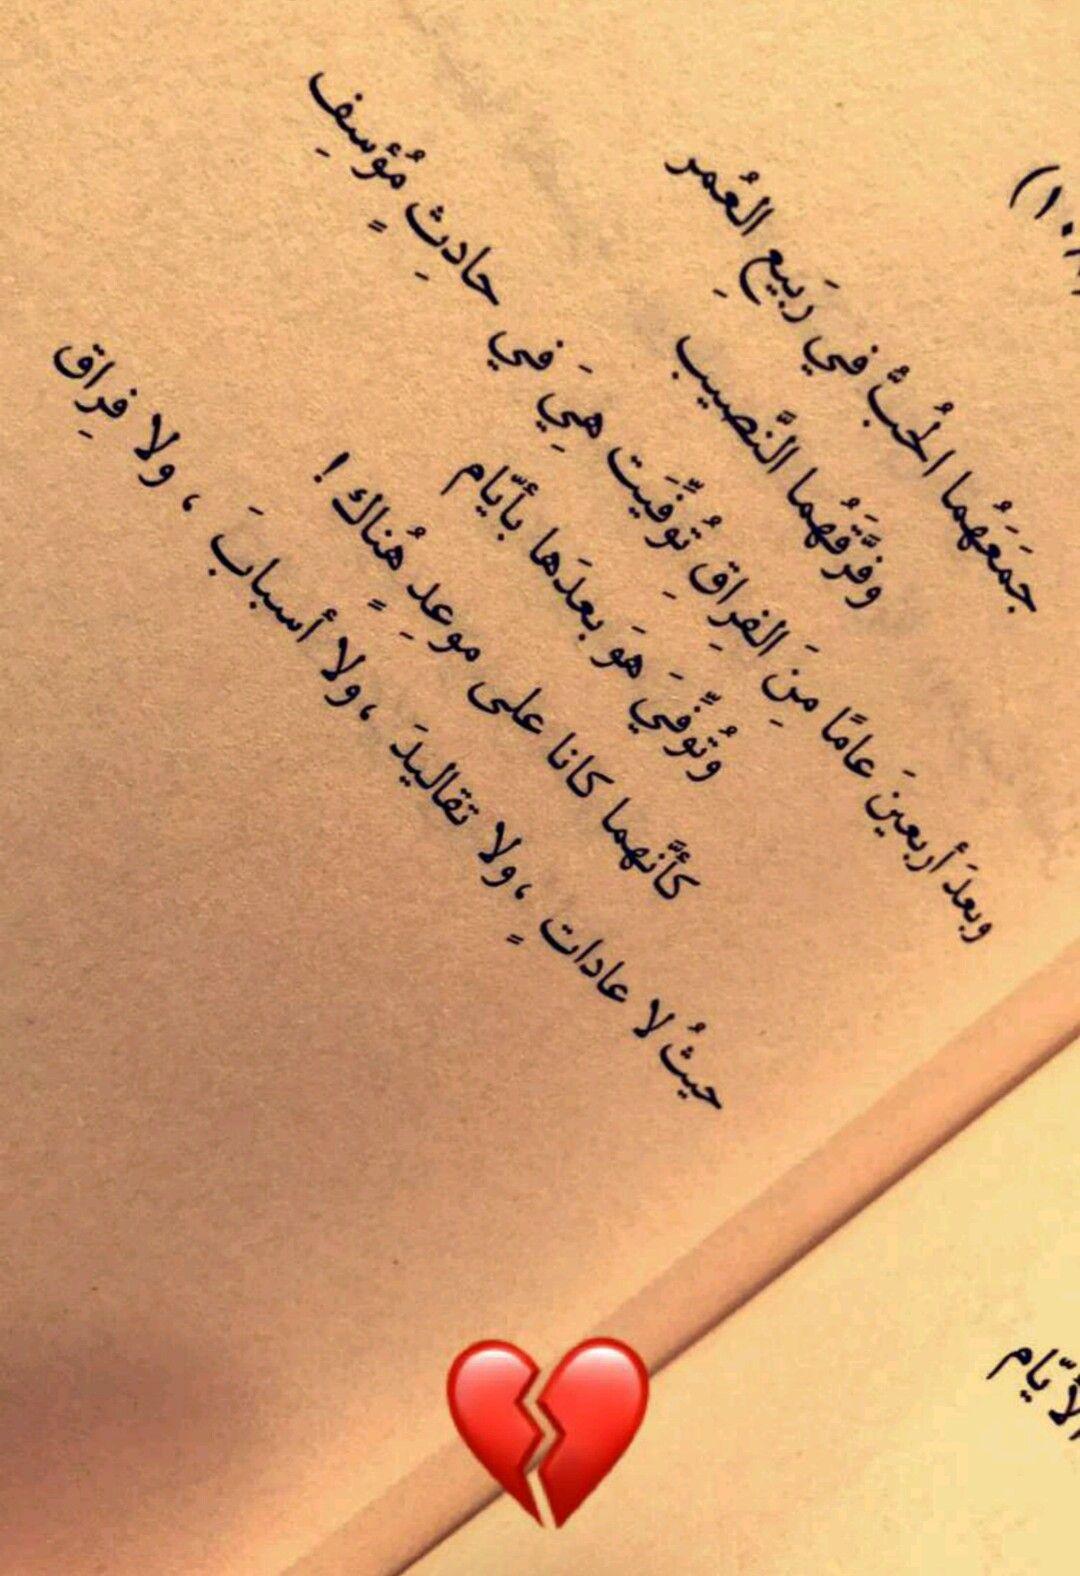 قصة قصيرة جميلة Romantic Quotes Amazing Quotes Love Quotes